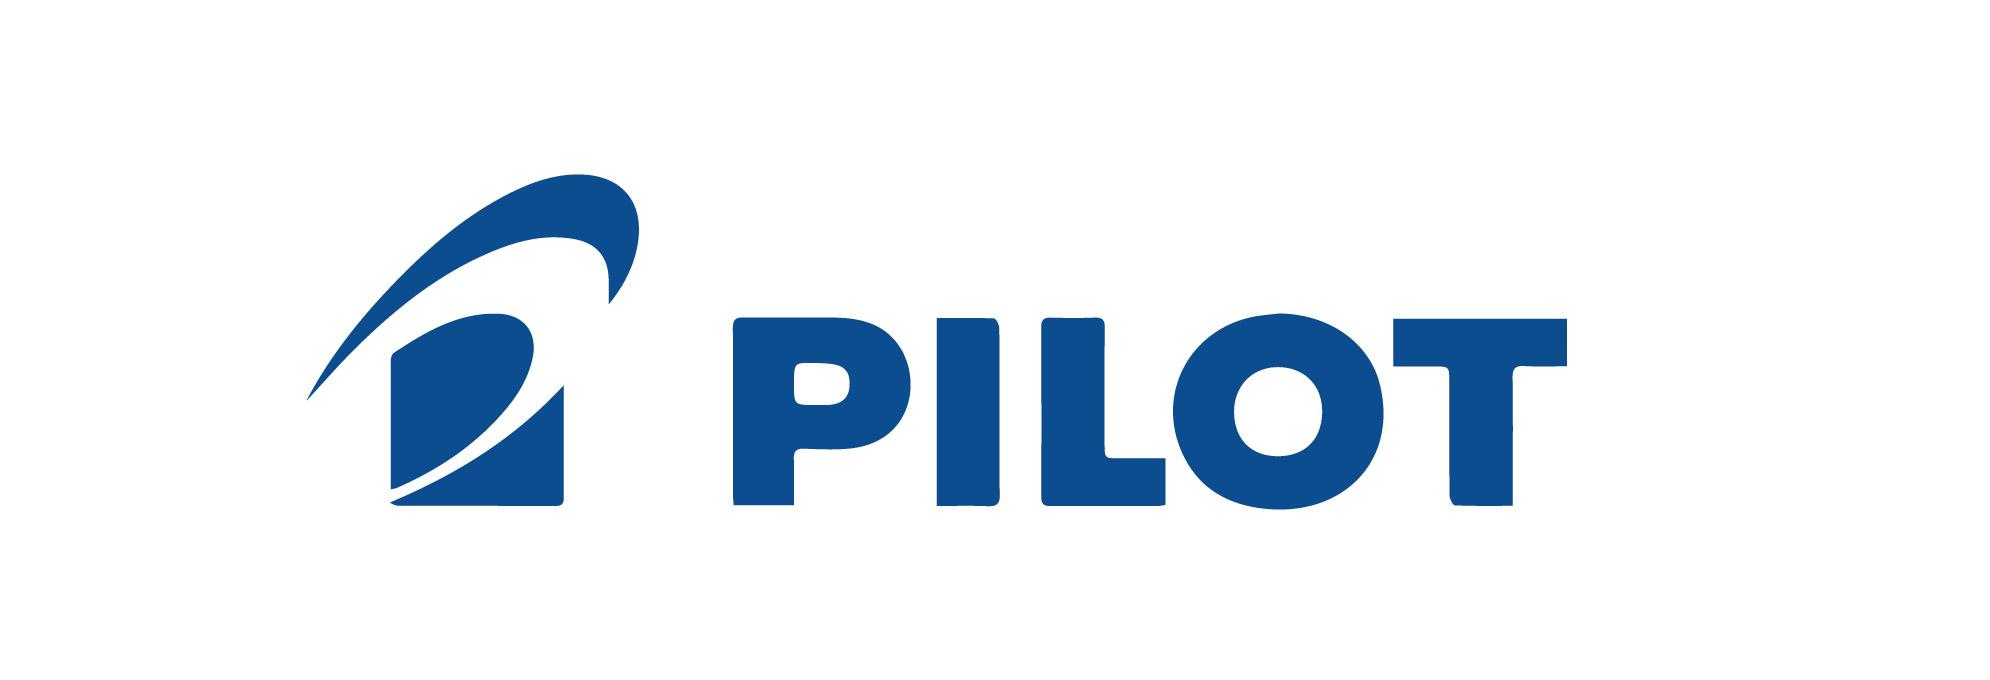 百乐(PILOT)